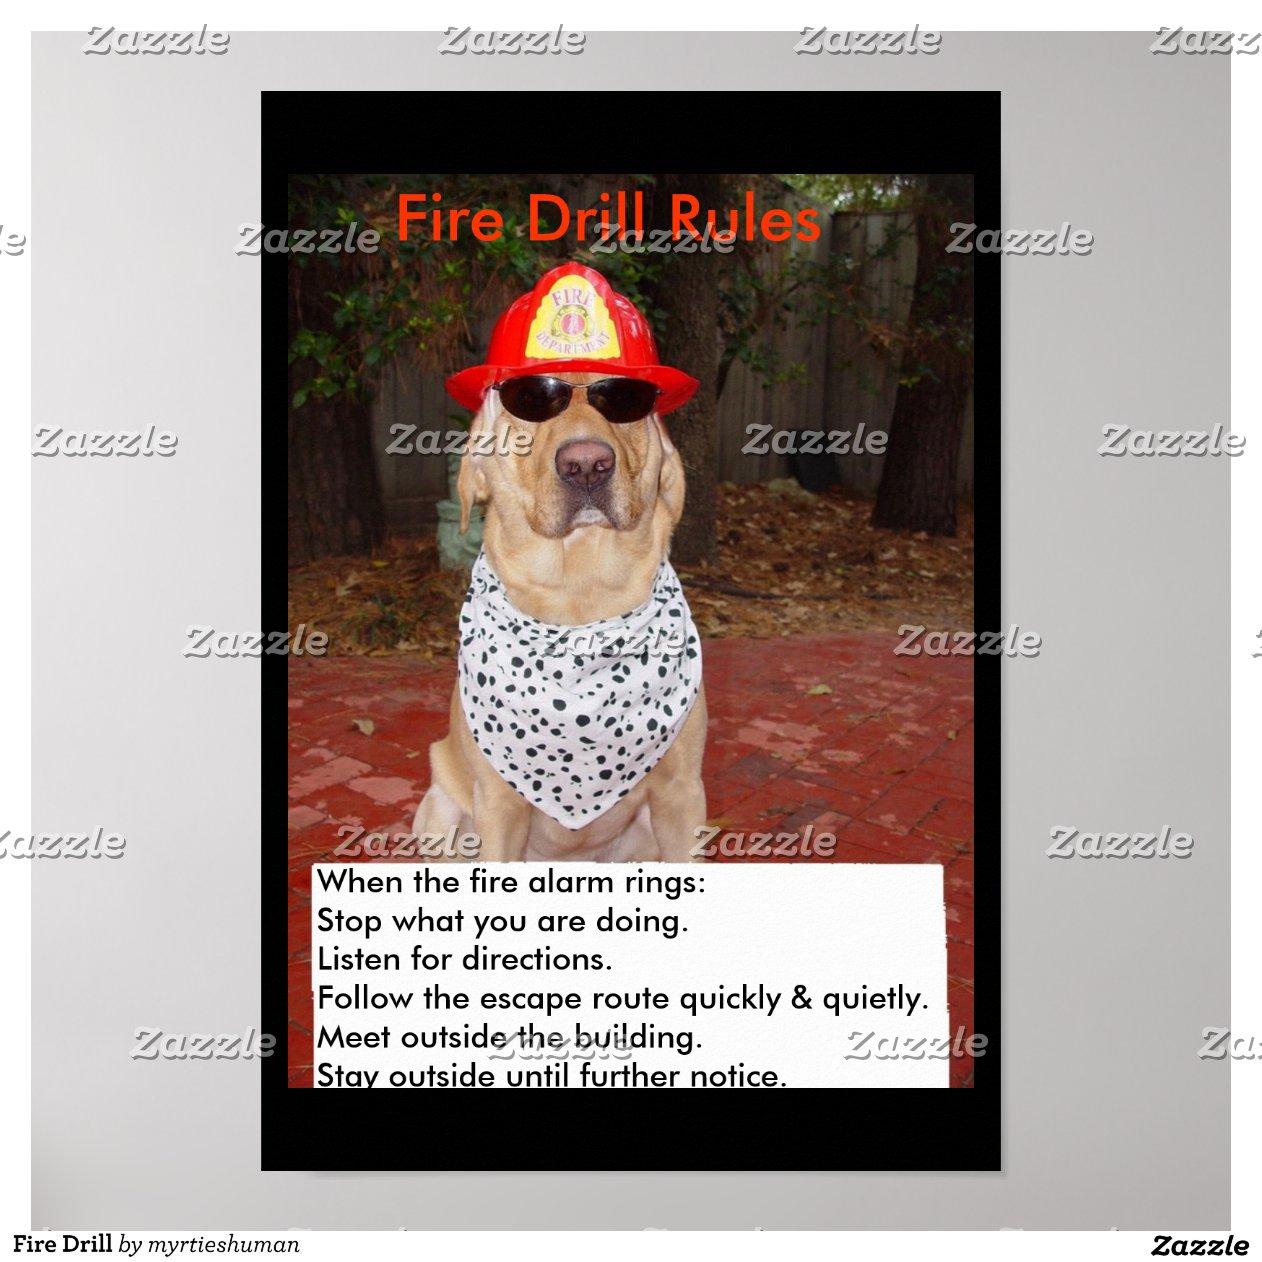 Fire Drill Poster-rc4cae00b35cd4a9f8110522962846830 2jm2